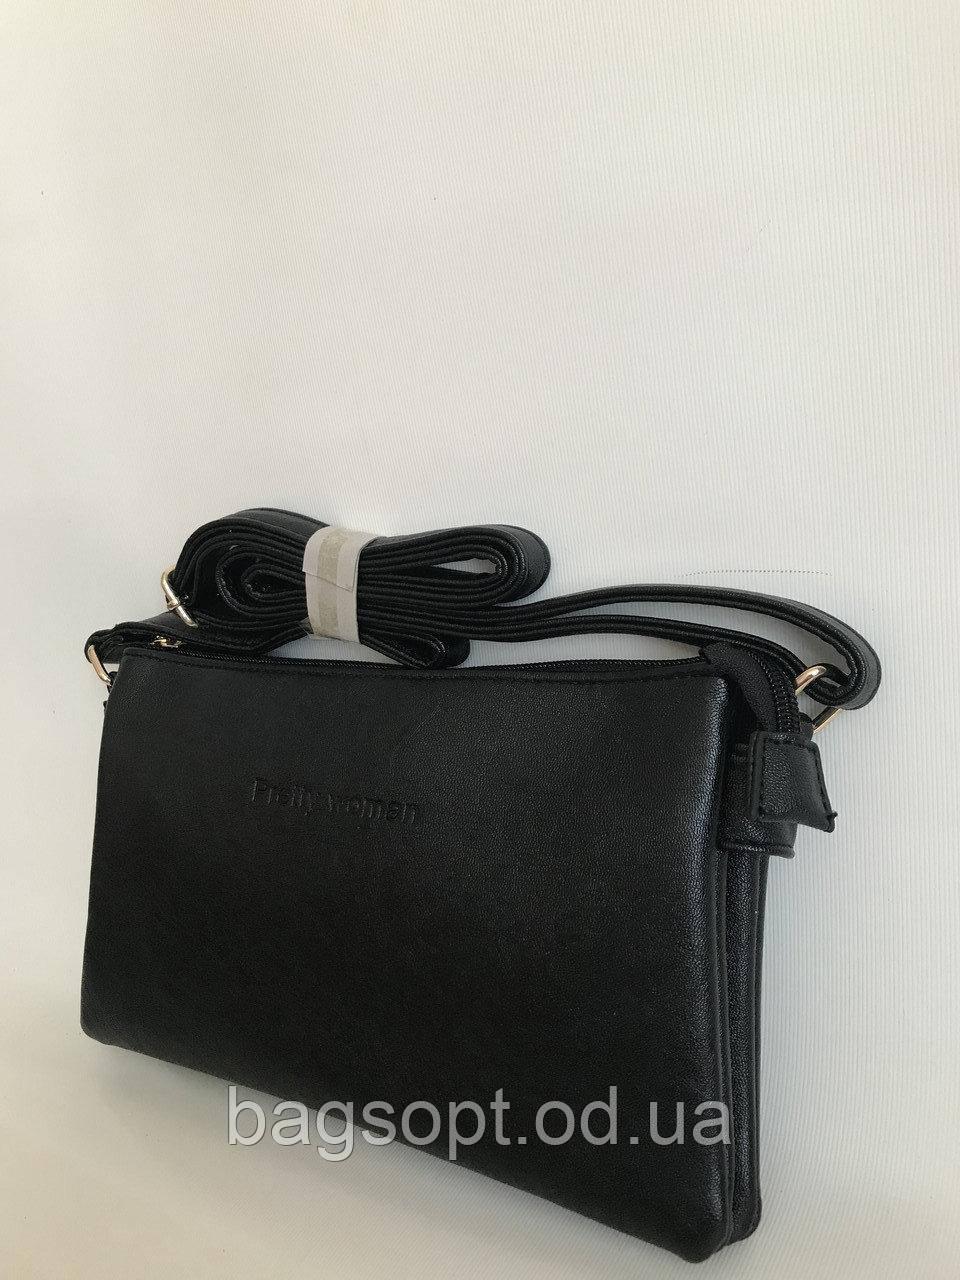 Женская мини сумка клатч Pretty Woman черного цвета с плечевым ремешком Одесса 7 км